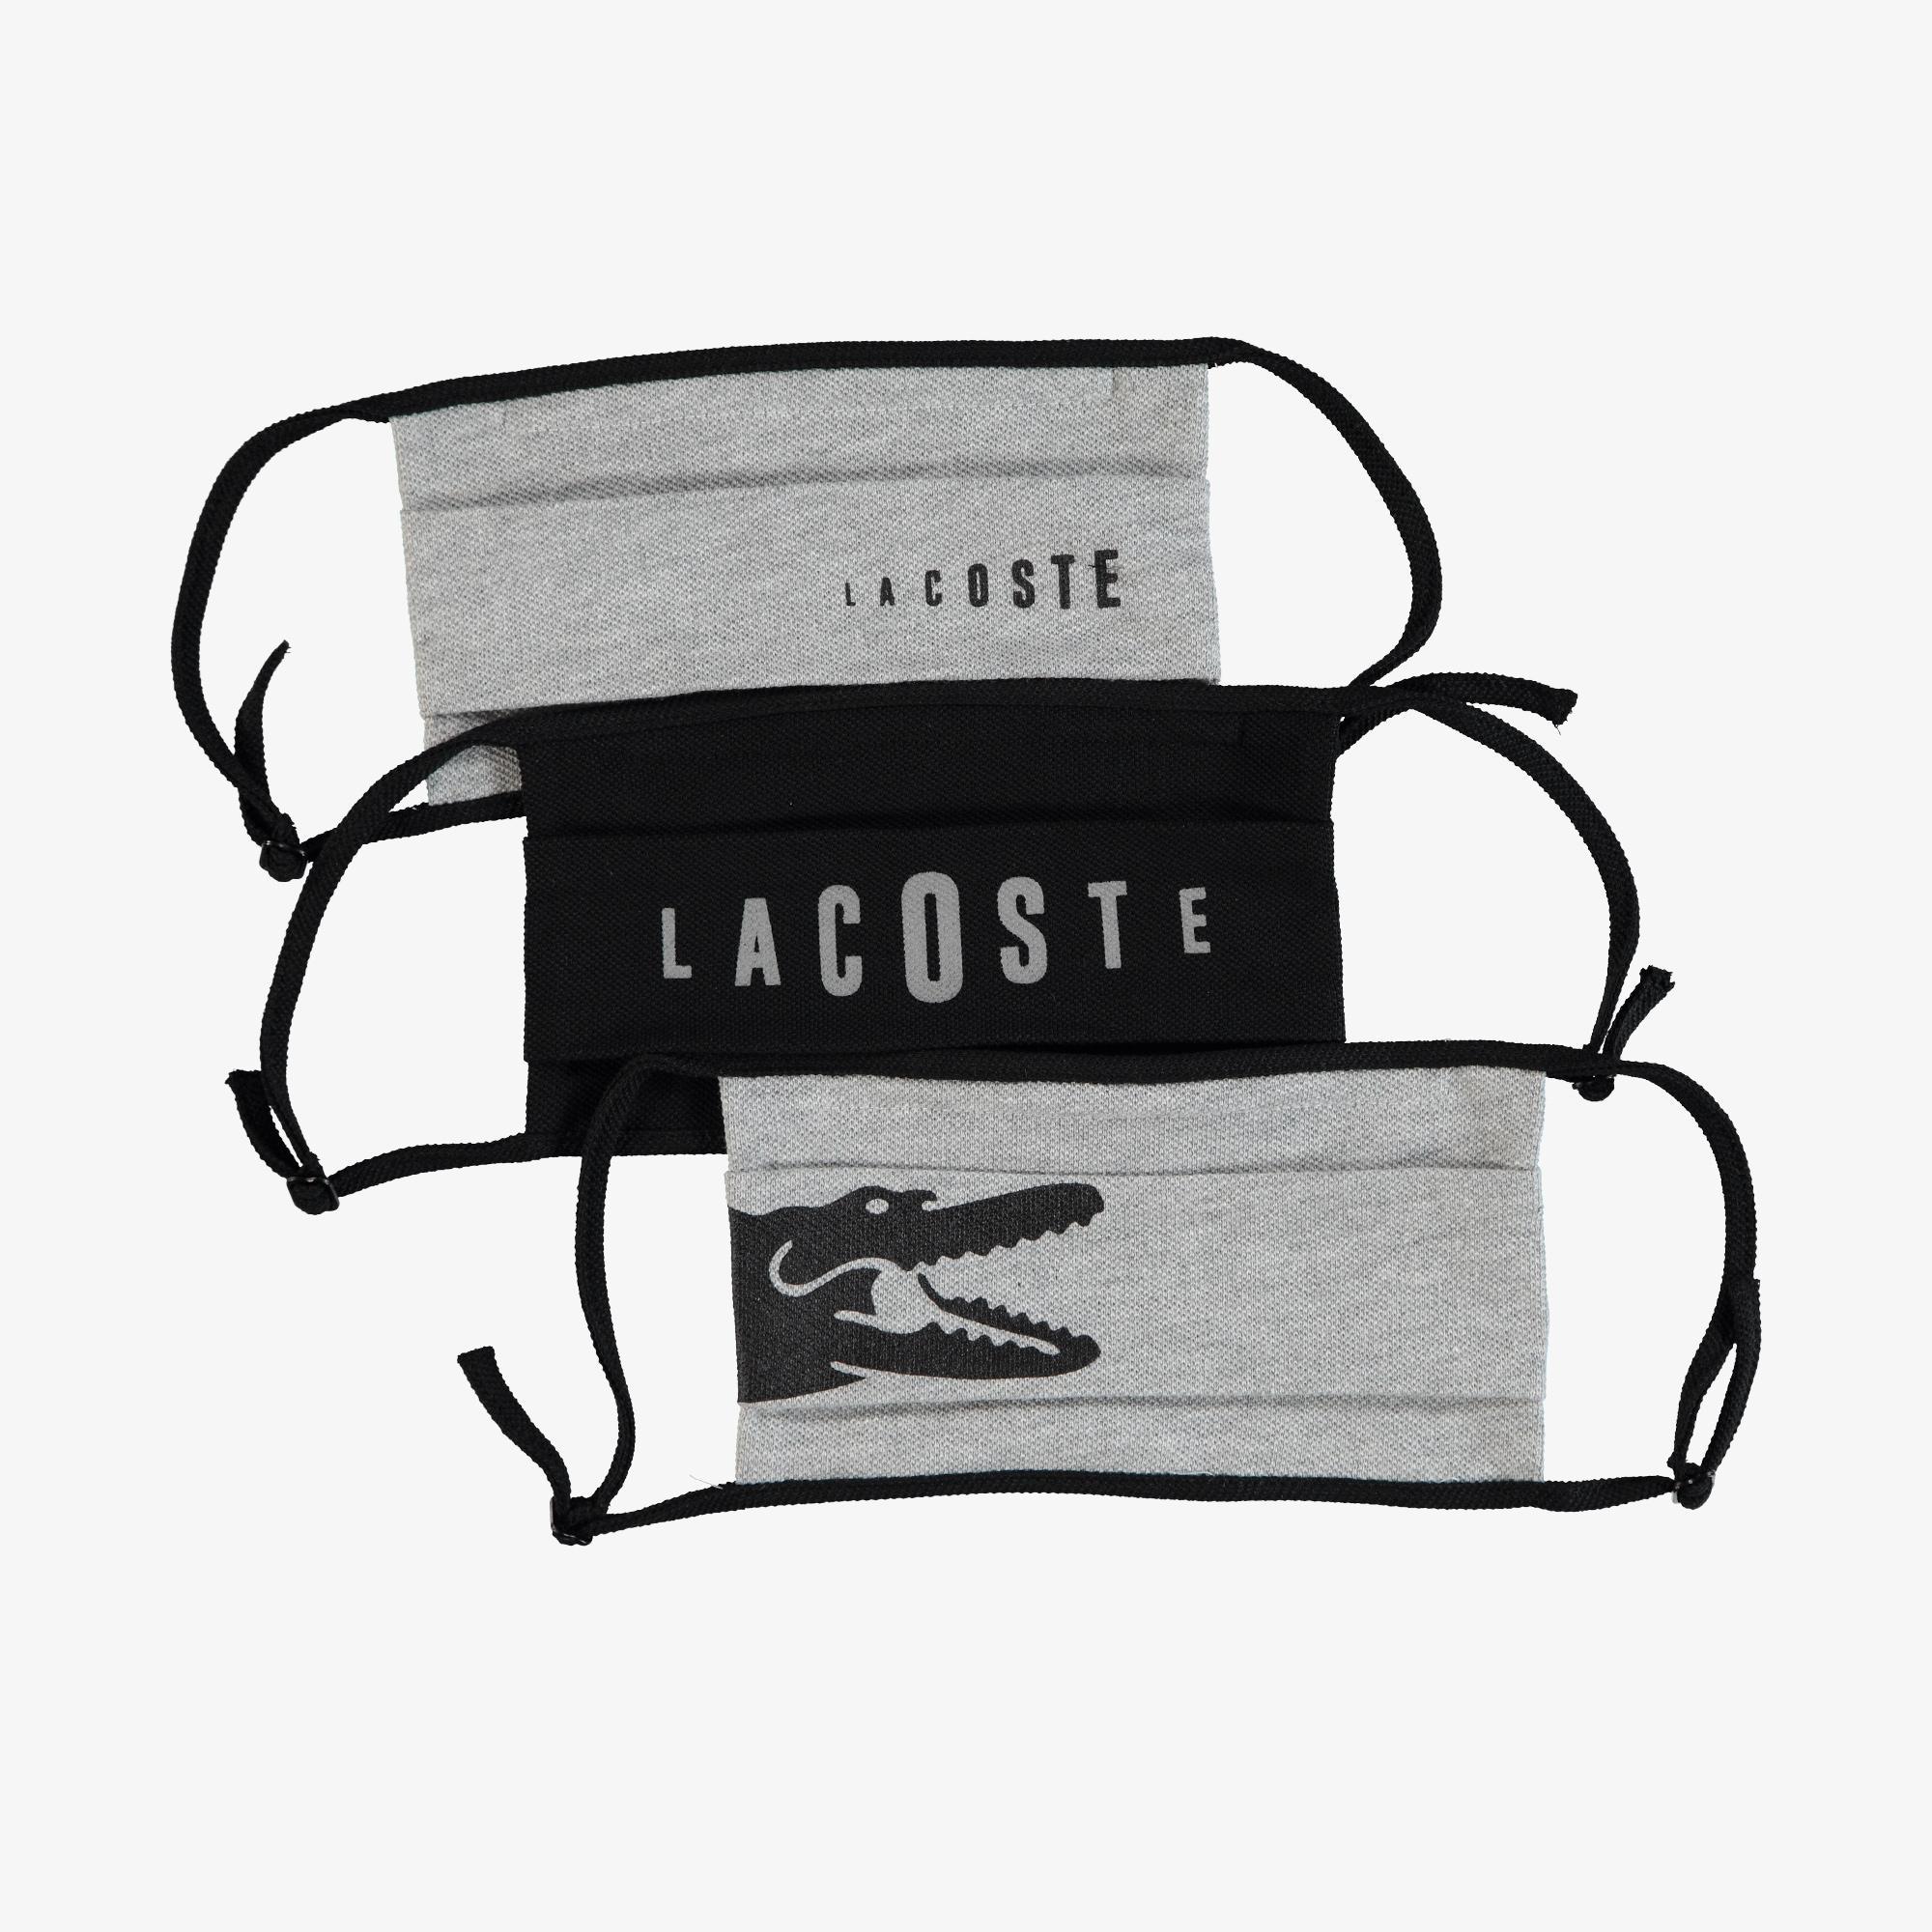 Lacoste Pamuklu Yıkanabilir Gri - Siyah Baskılı 3'lü Maske